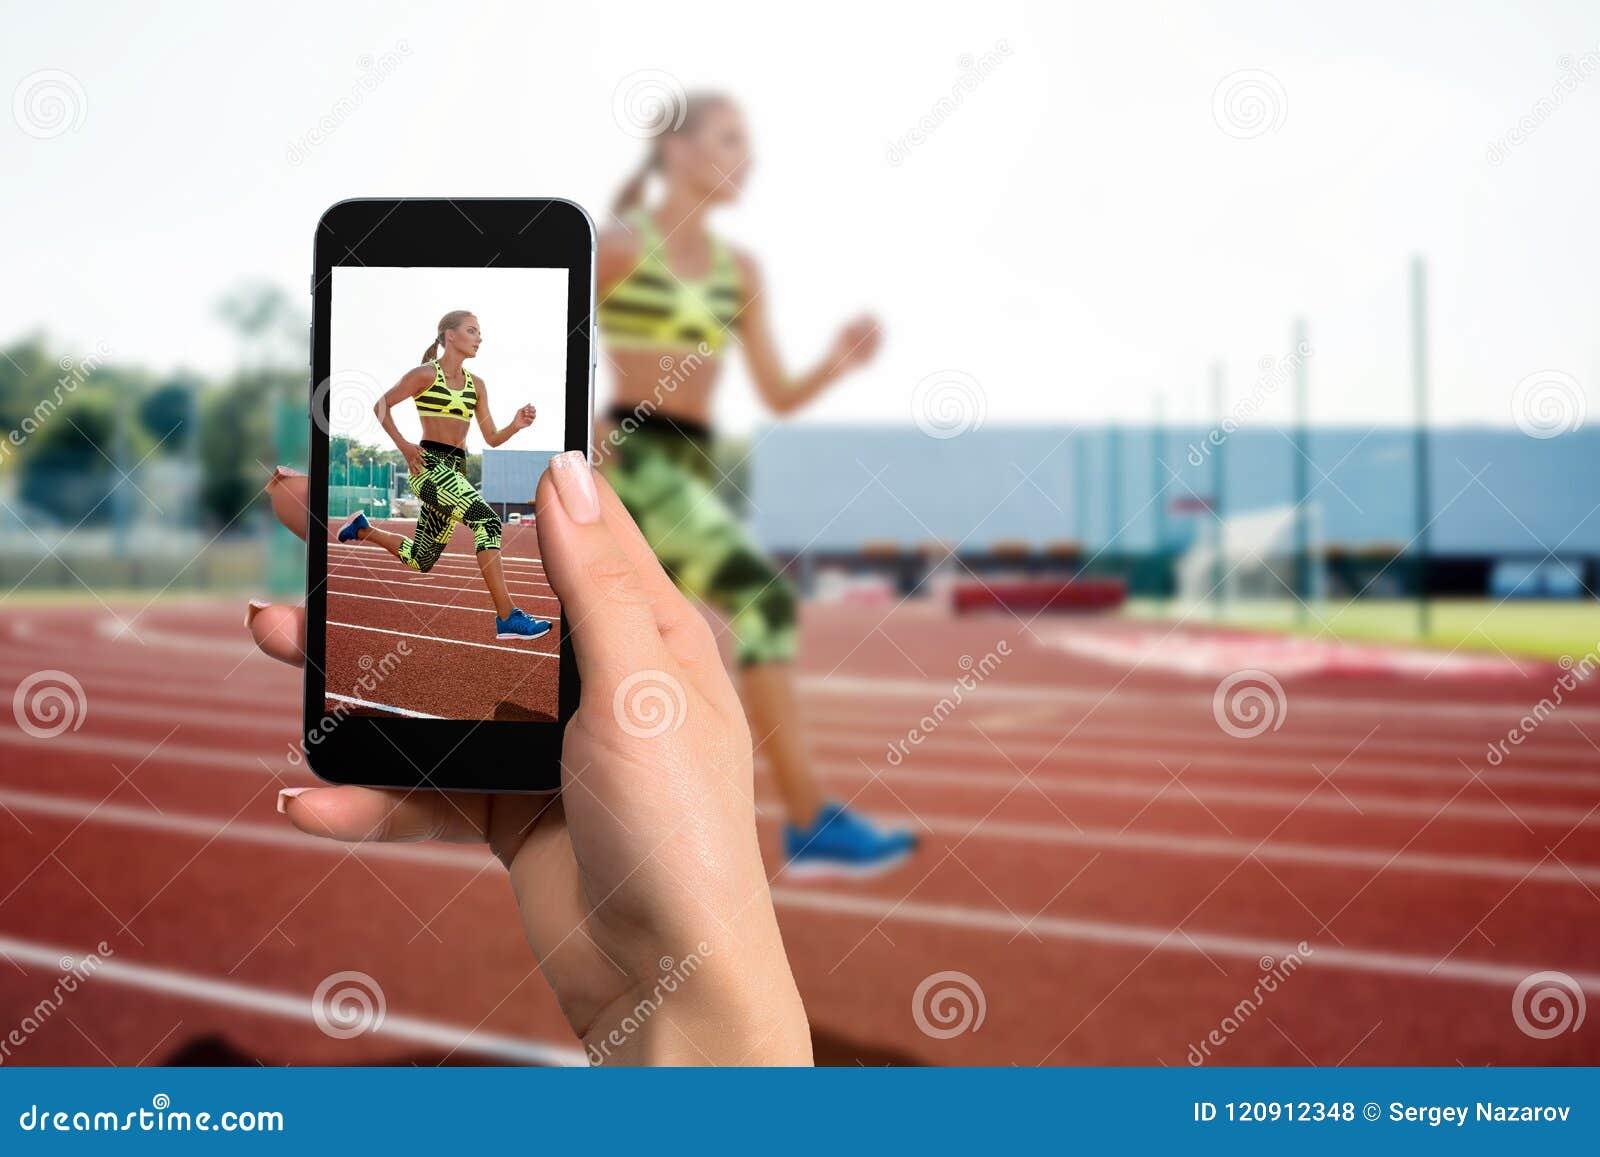 Dicht beeld die van vrouwelijke handen mobiele telefoon met de wijze van de fotocamera op het scherm houden Bebouwd beeld van lop